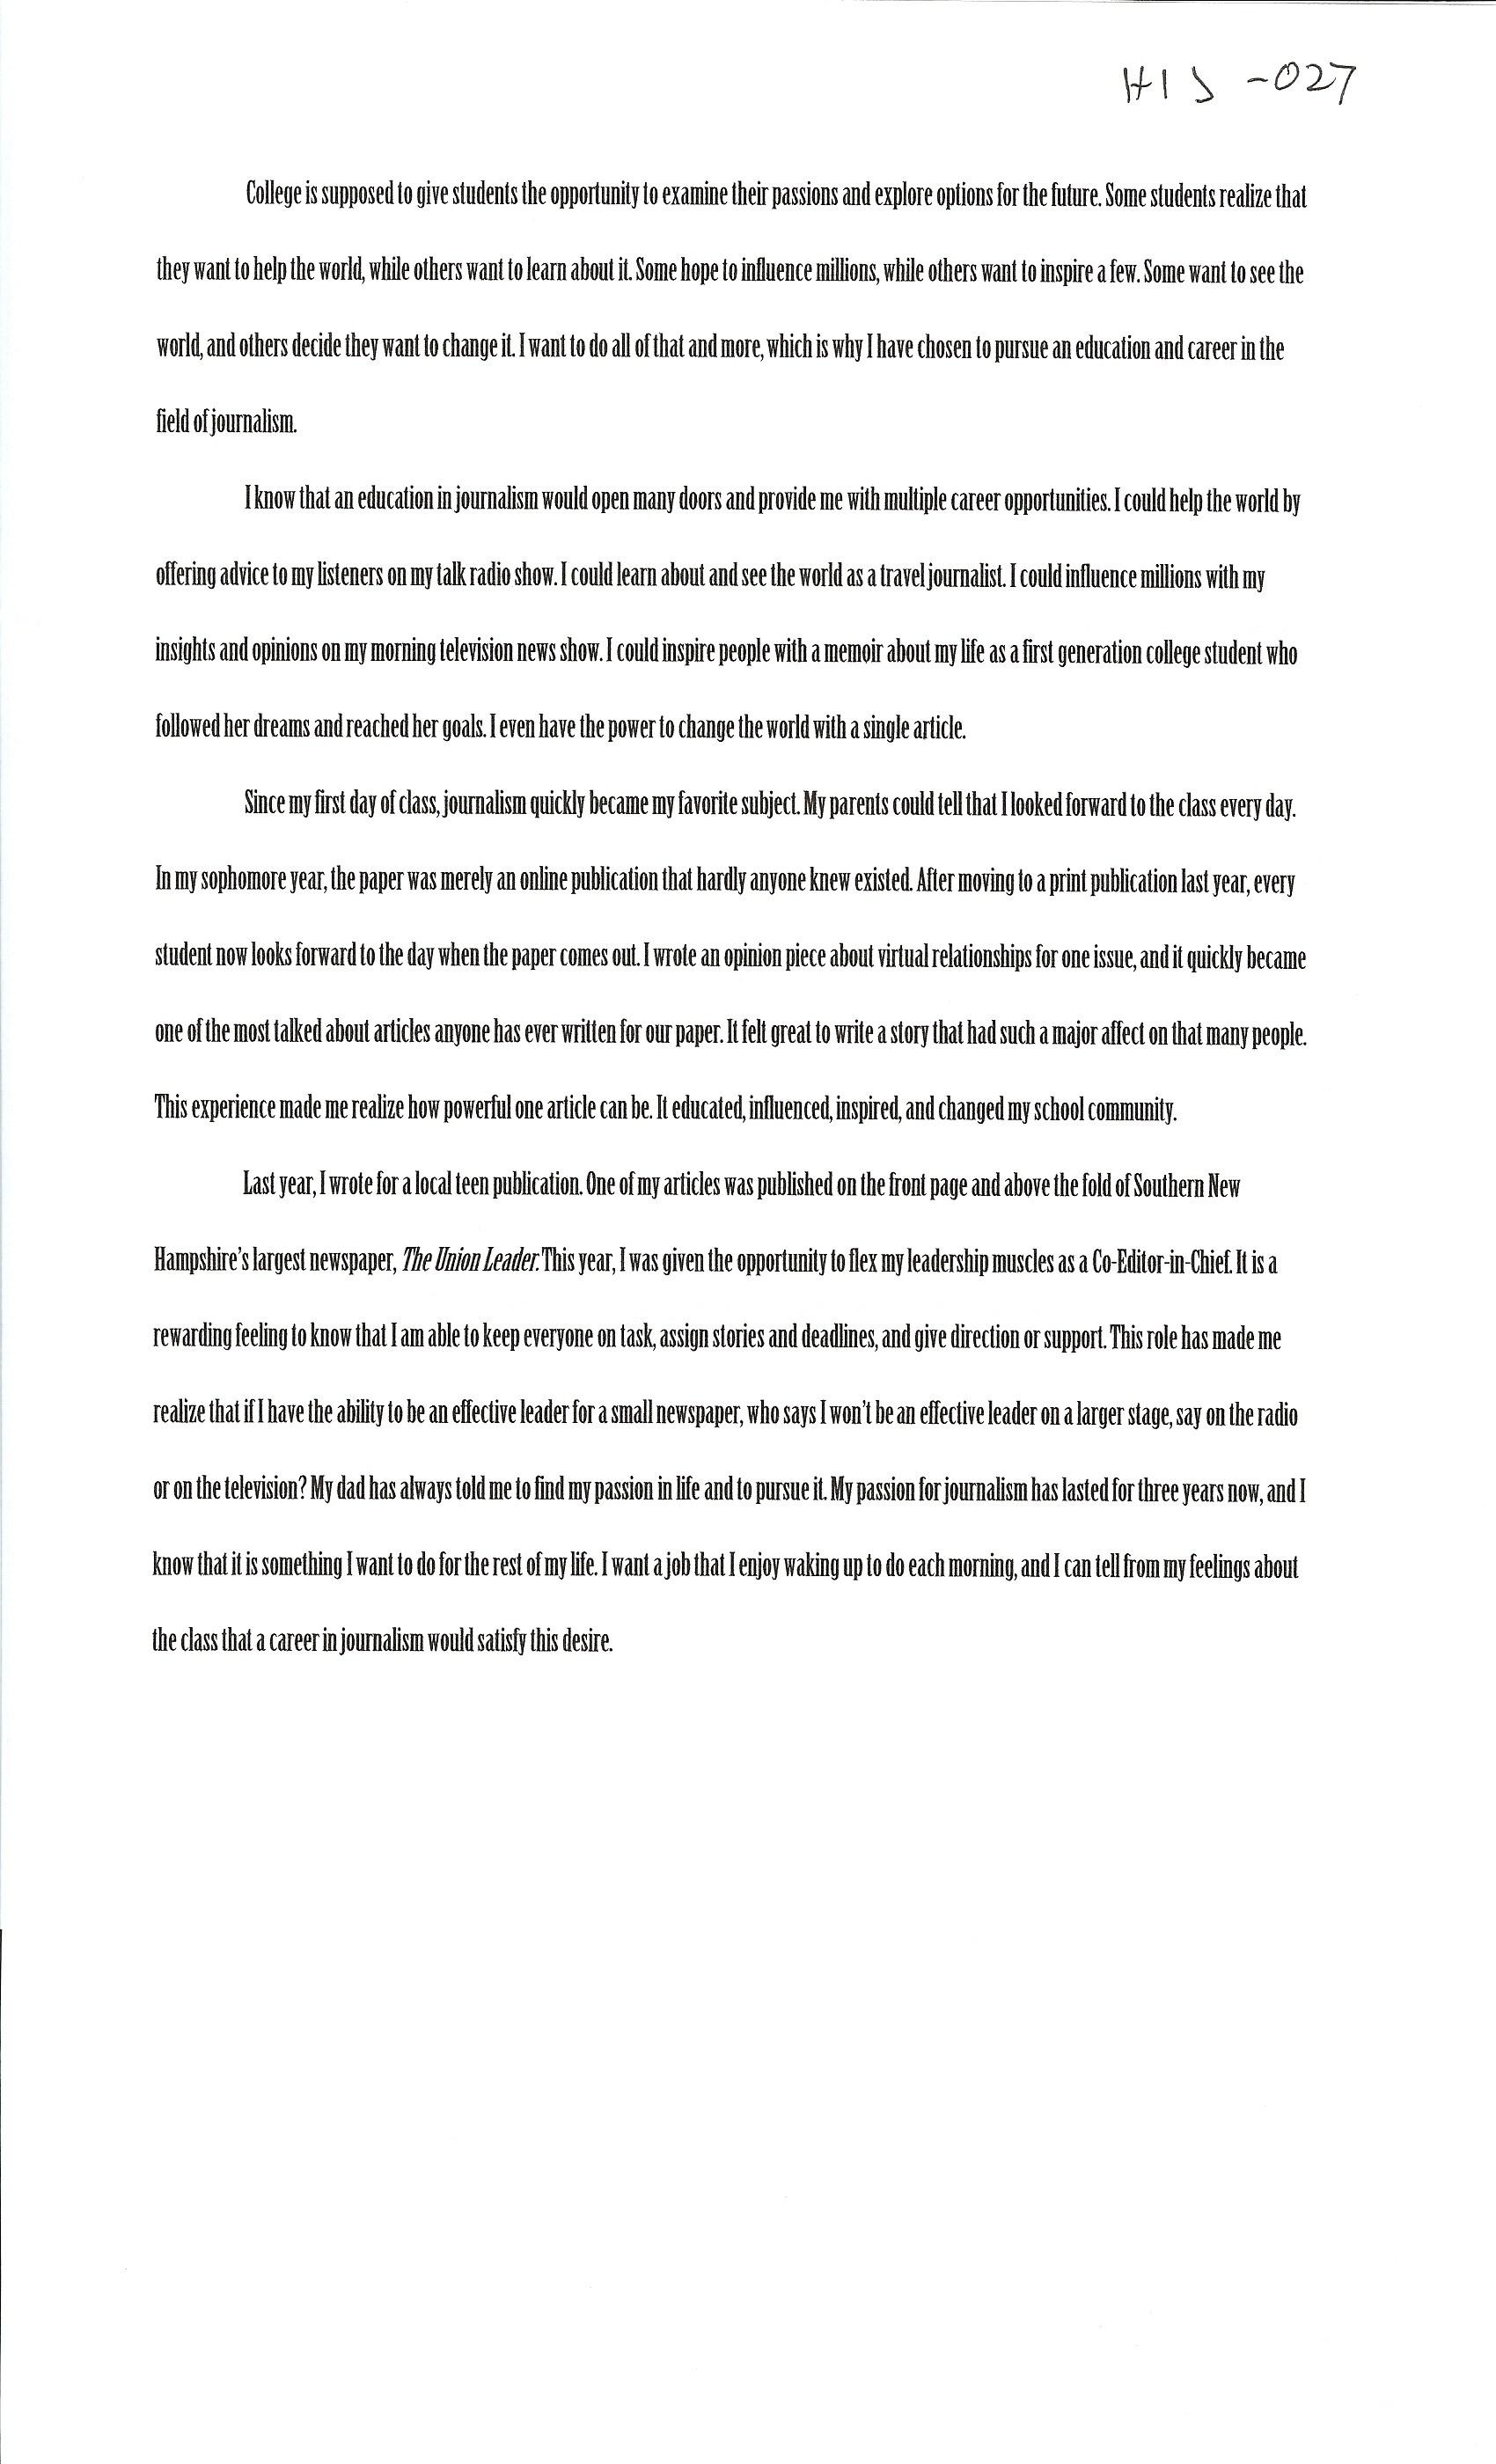 001 Essay Example Alexa Serrecchia Questbridge Stirring Essays Examples Finalist National College Match Prompts Full